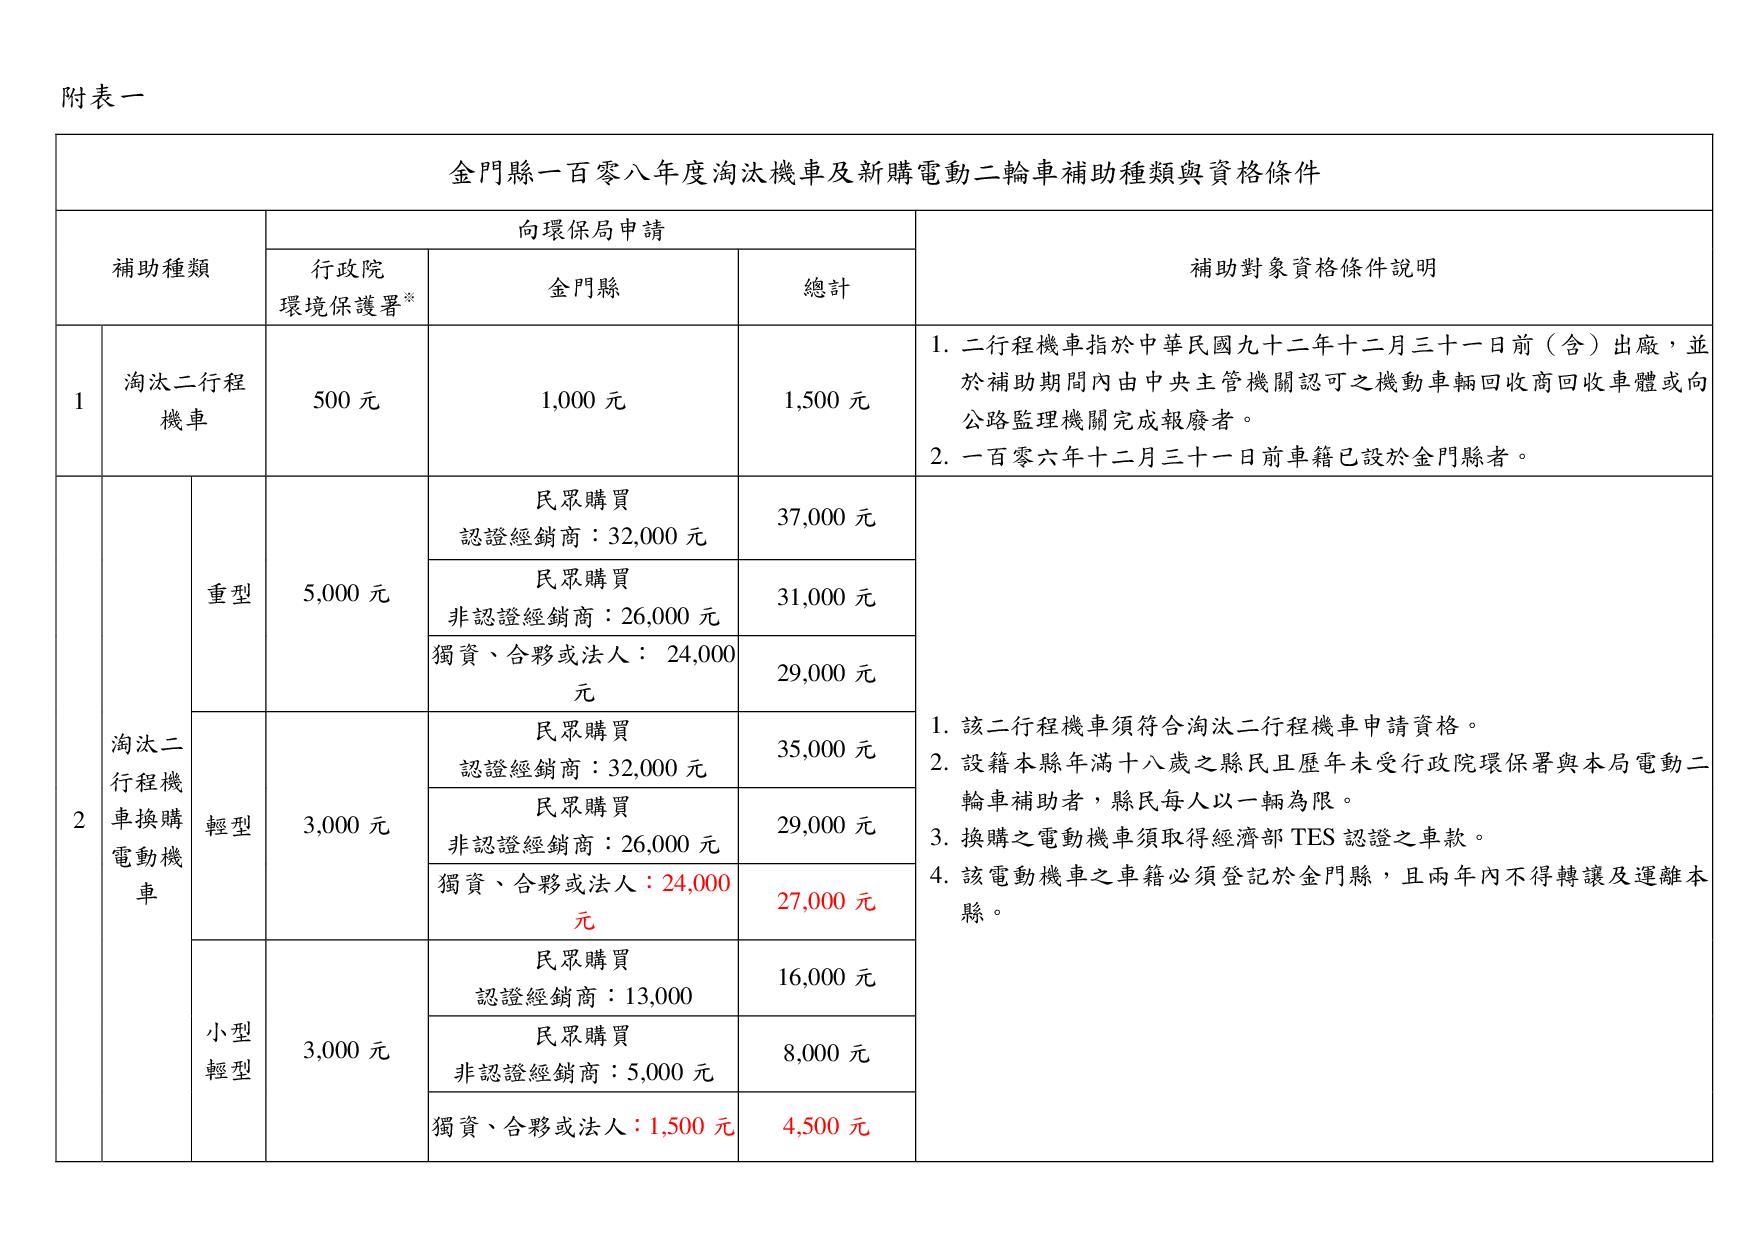 1080429-補助資格種類與條件(附表一、二) 1080329